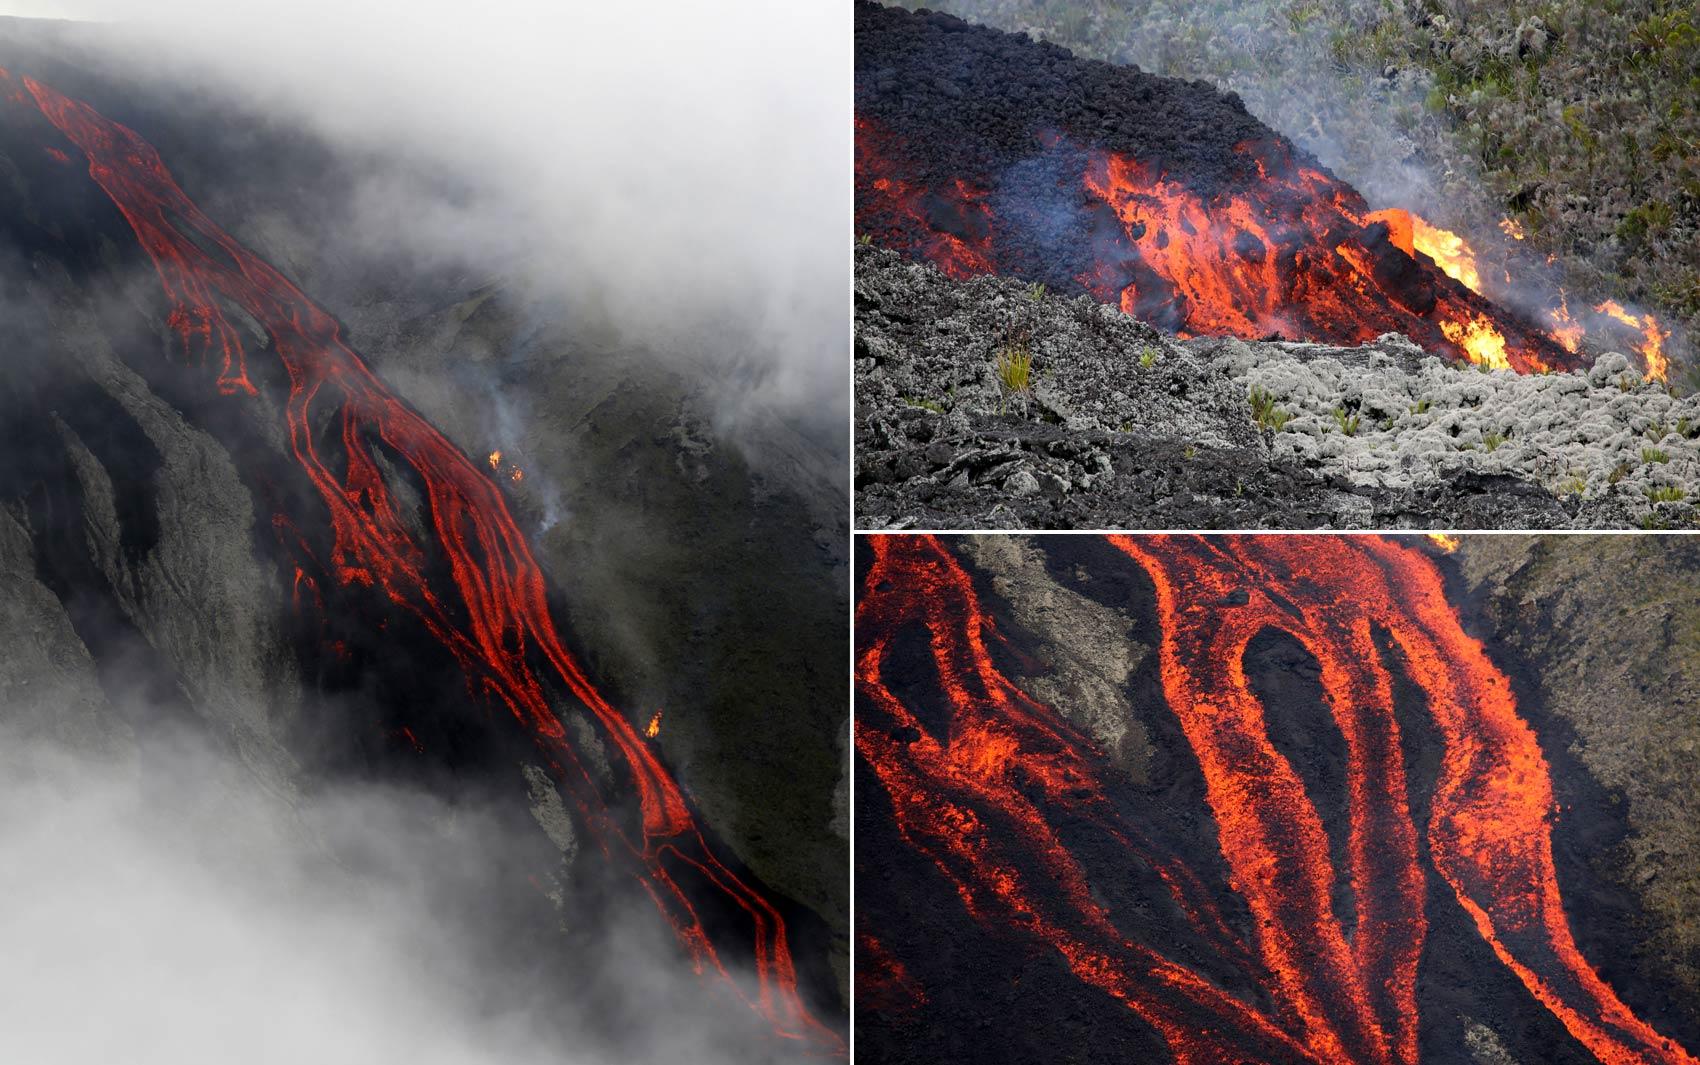 Erupção cria 'rios' de lava e queima a vegetação na encosta do vulcão Fournaise, na ilha francesa de La Reunion, no Oceano Índico. A erupção começou por volta de 10h da manhã desta sexta-feira (31), segundo informou a prefeitura local em um comunicado